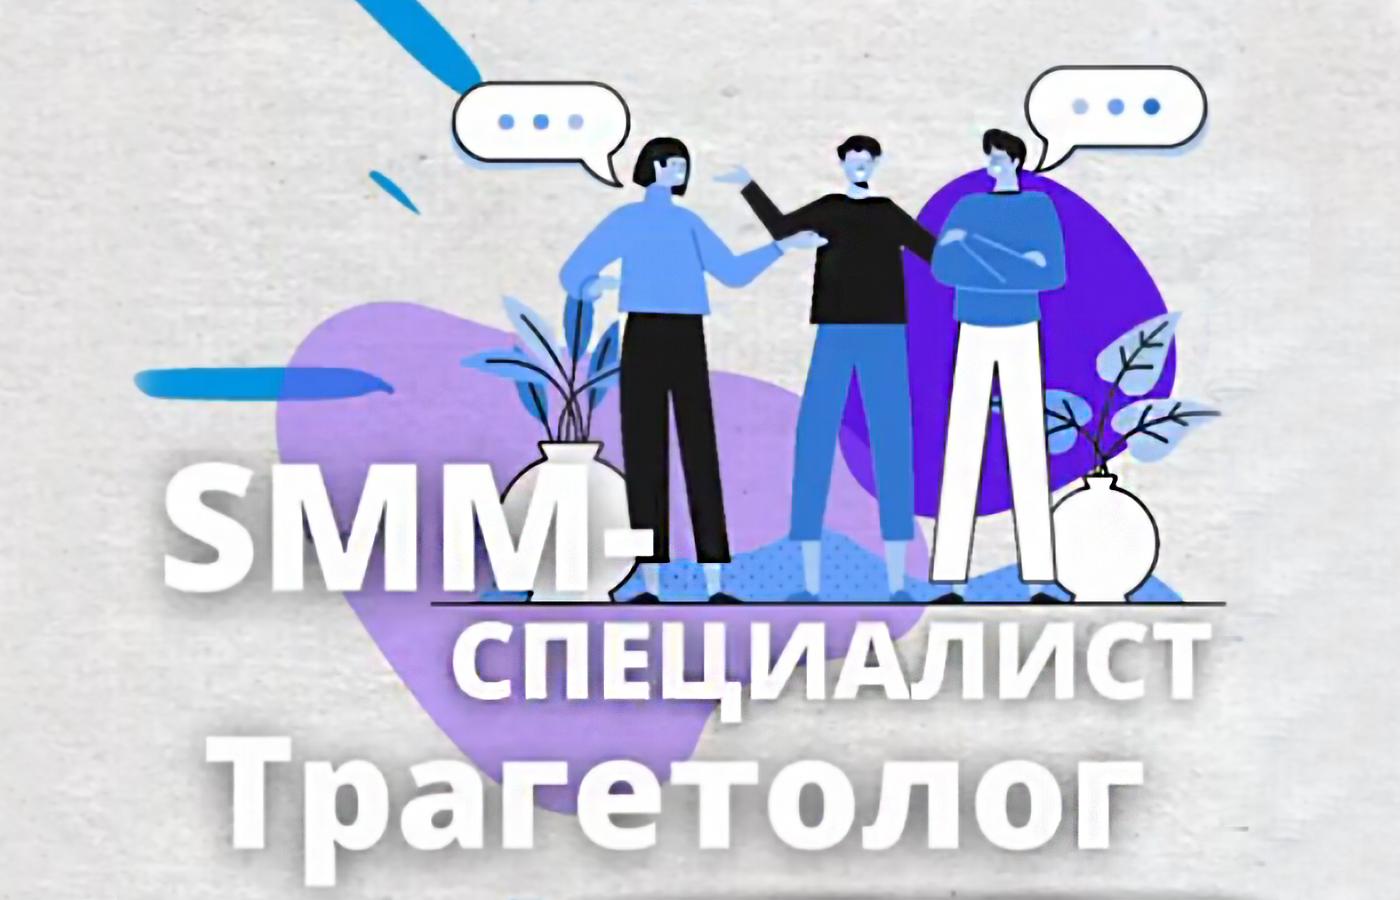 Союз немецкой молодёжи Казахстана ищет в свою дружную команду SMM-специалиста и Таргетолога.